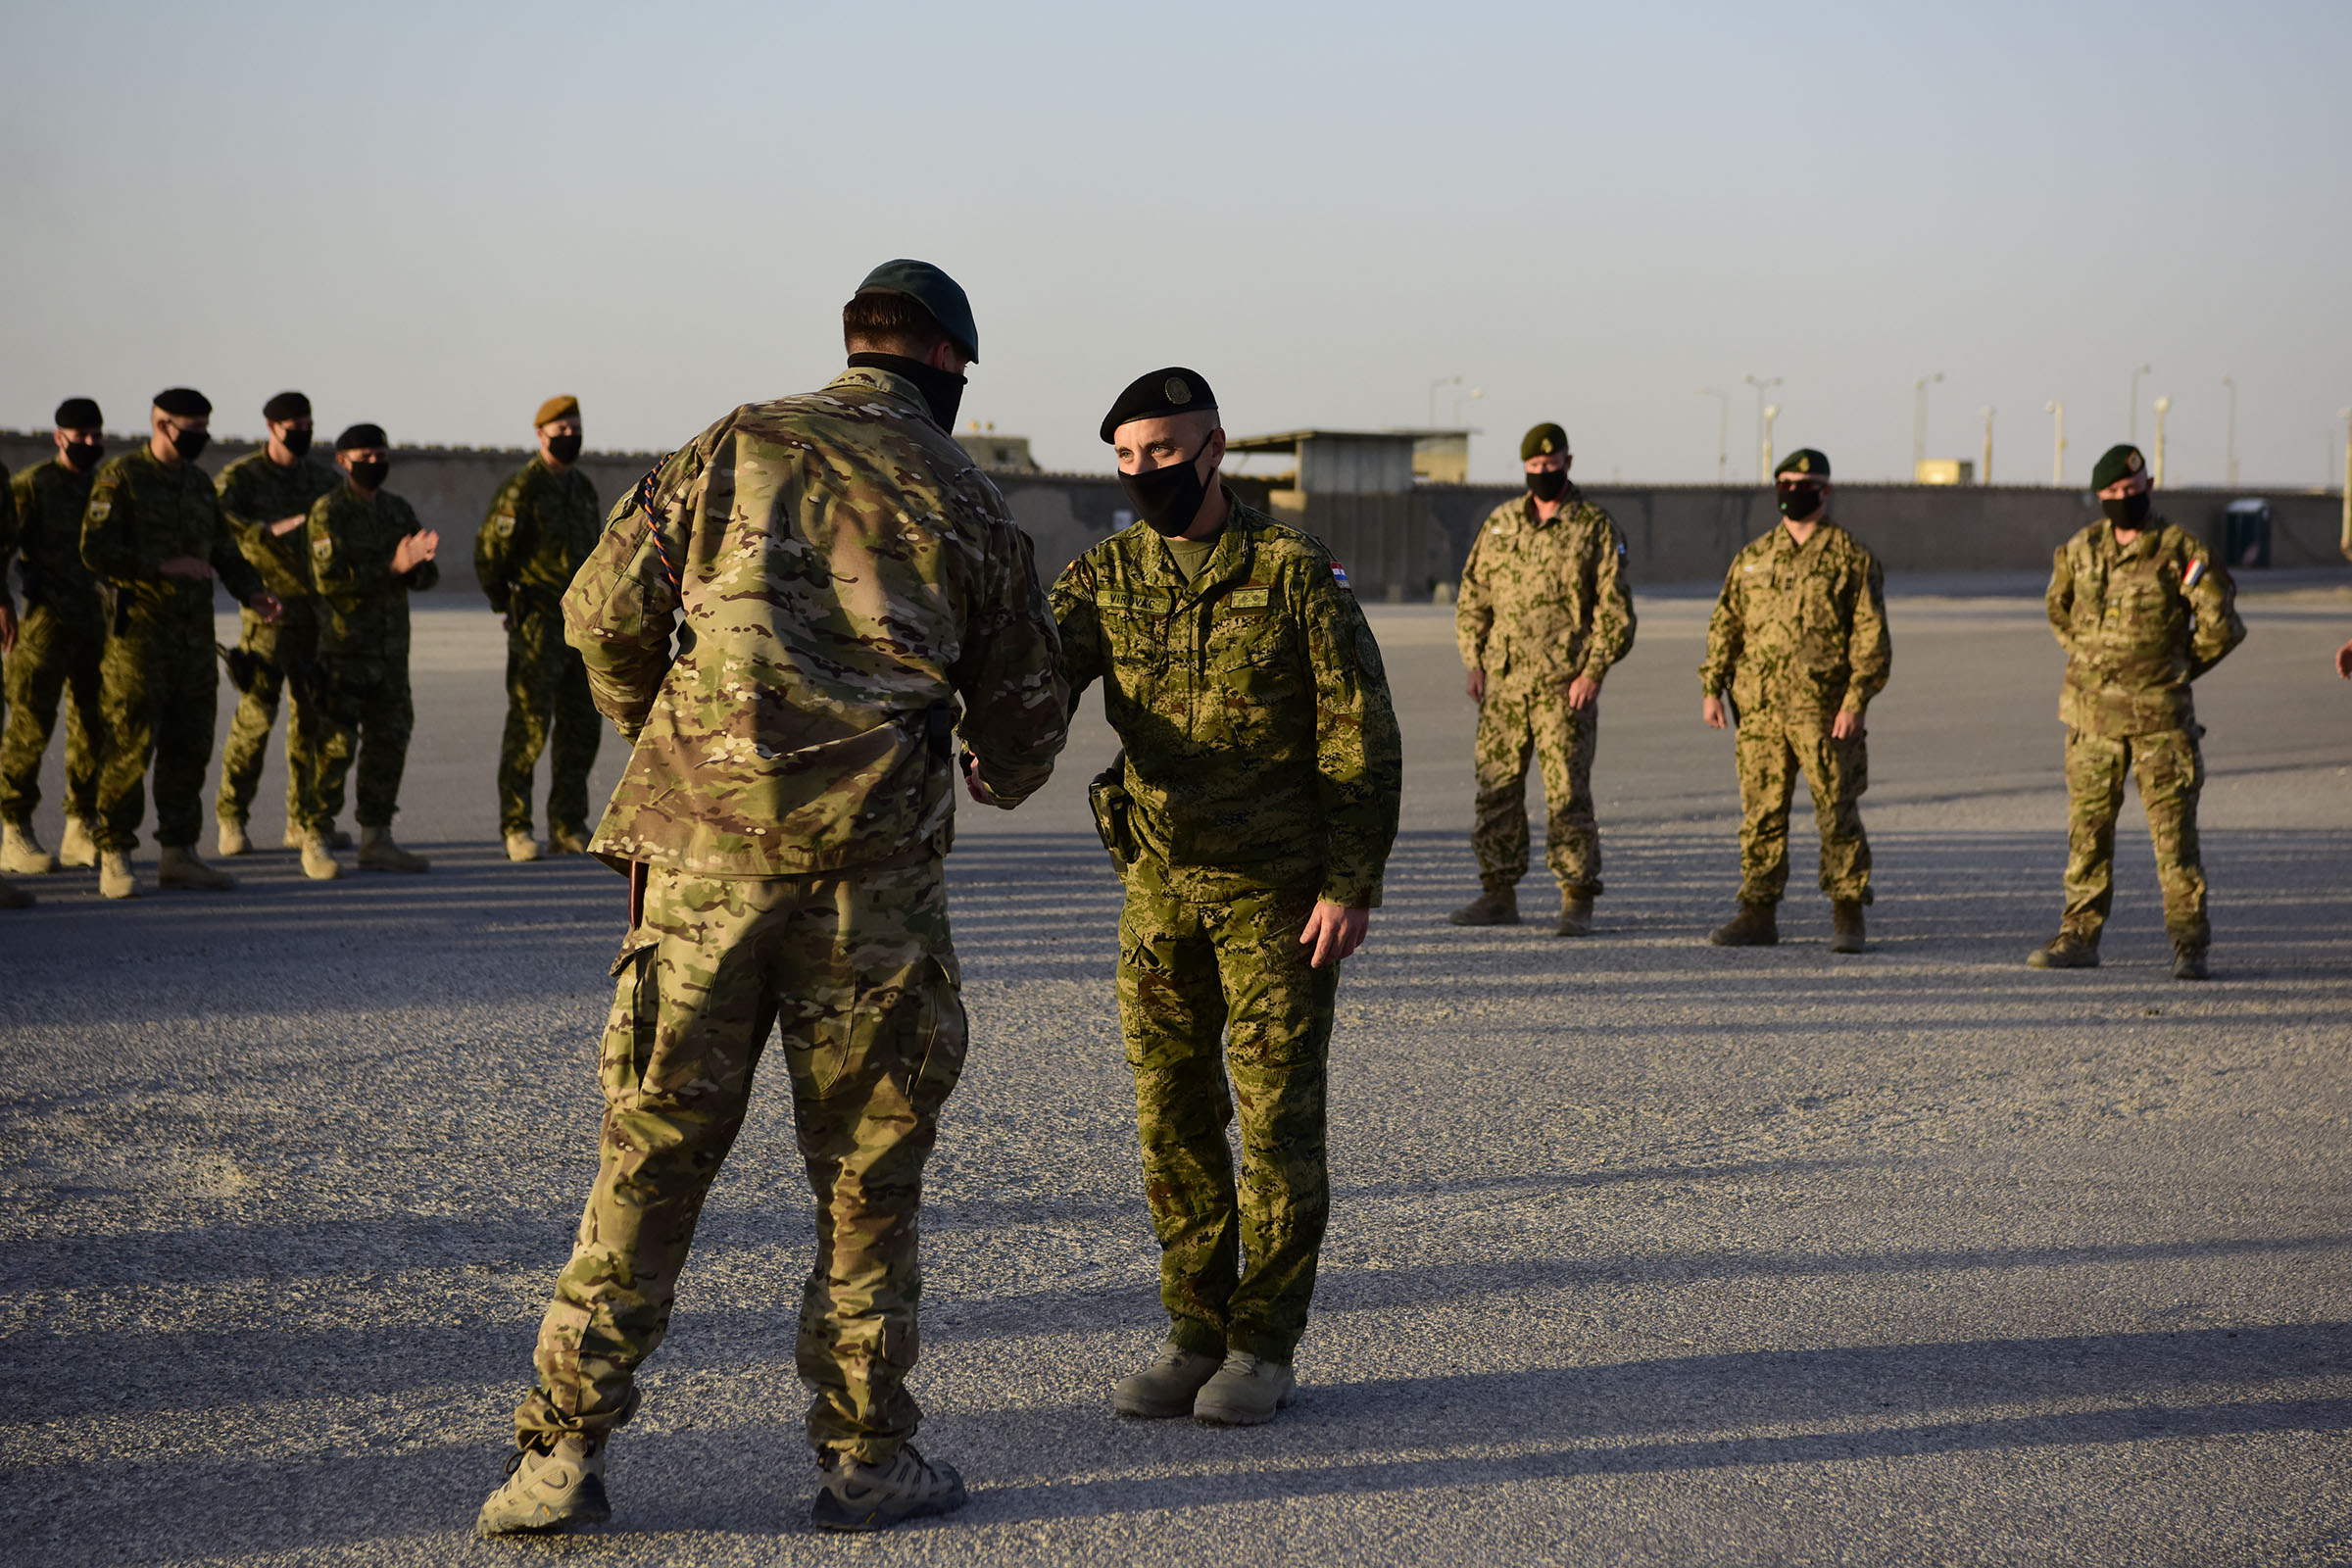 Završetak sudjelovanja 2. voda zaštite snaga u kampu Marmal u Afganistanu